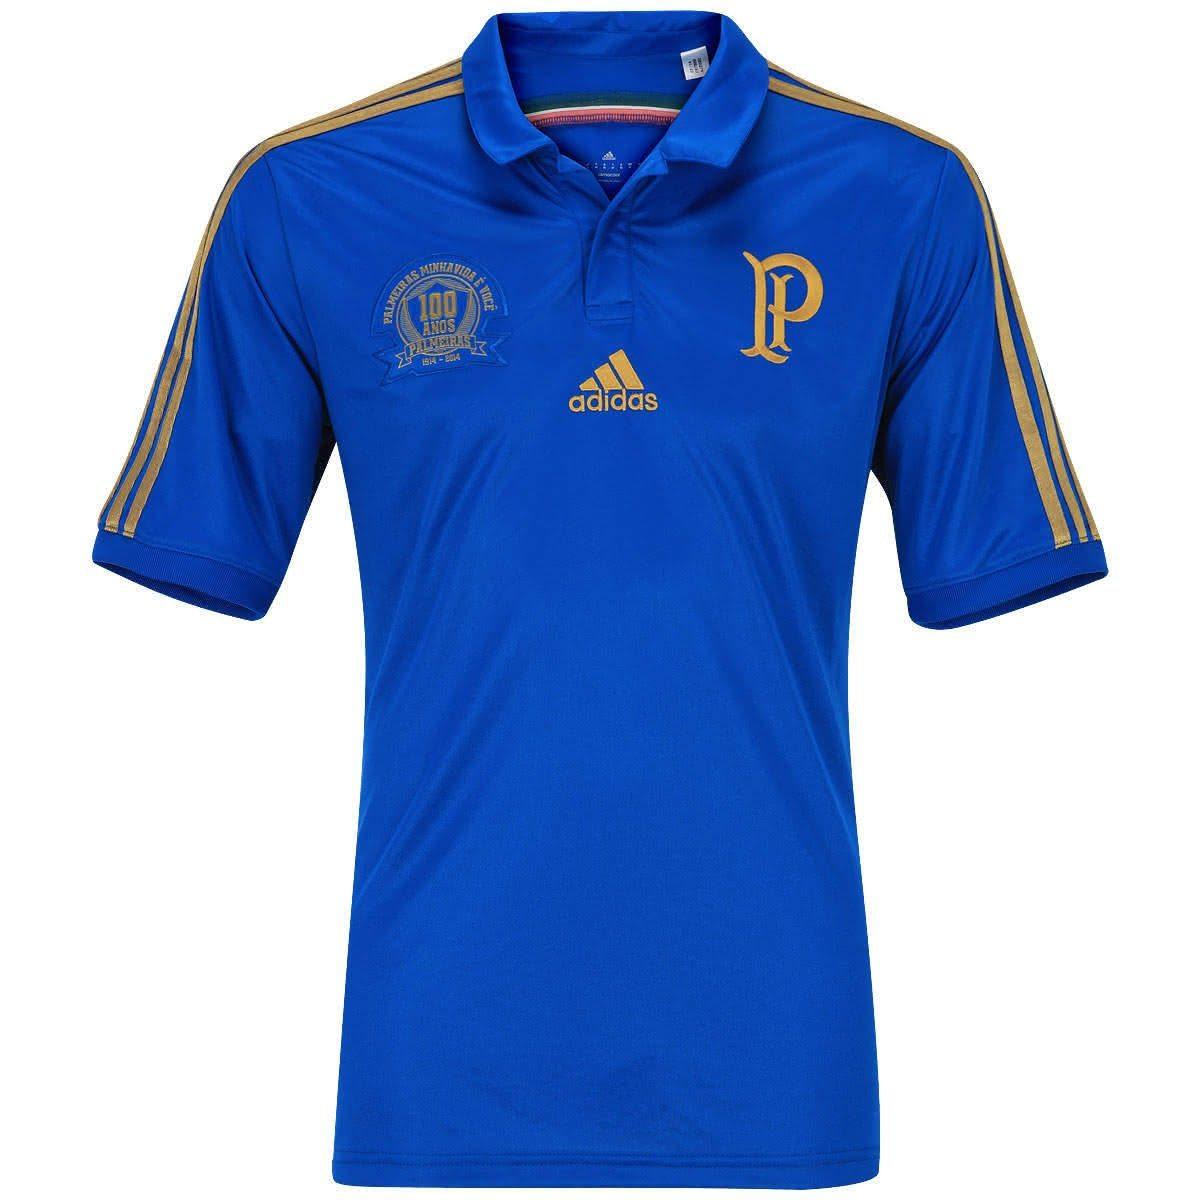 f54ff4d04f Compre sua camisa azul do Palmeiras